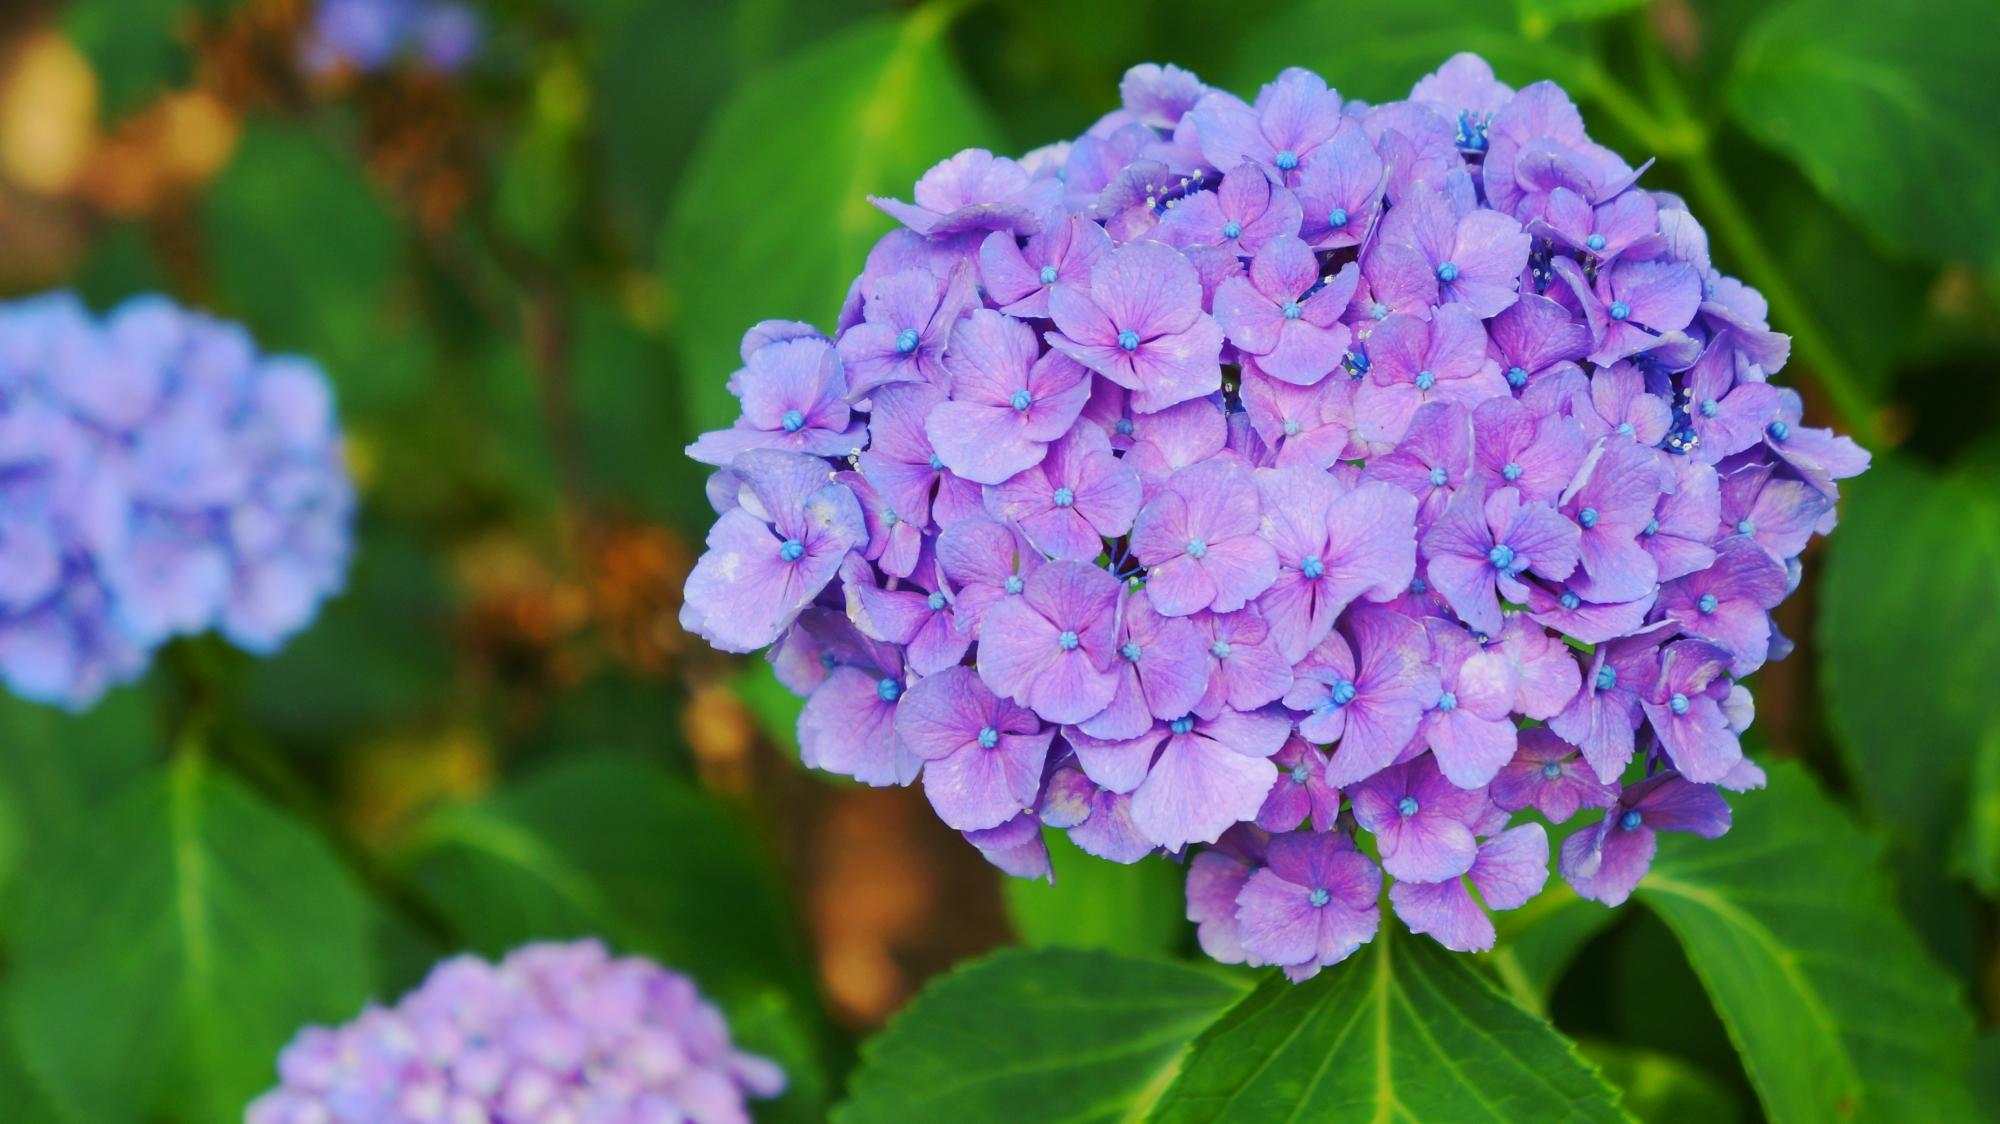 法金剛院の淡く優しげな紫の紫陽花